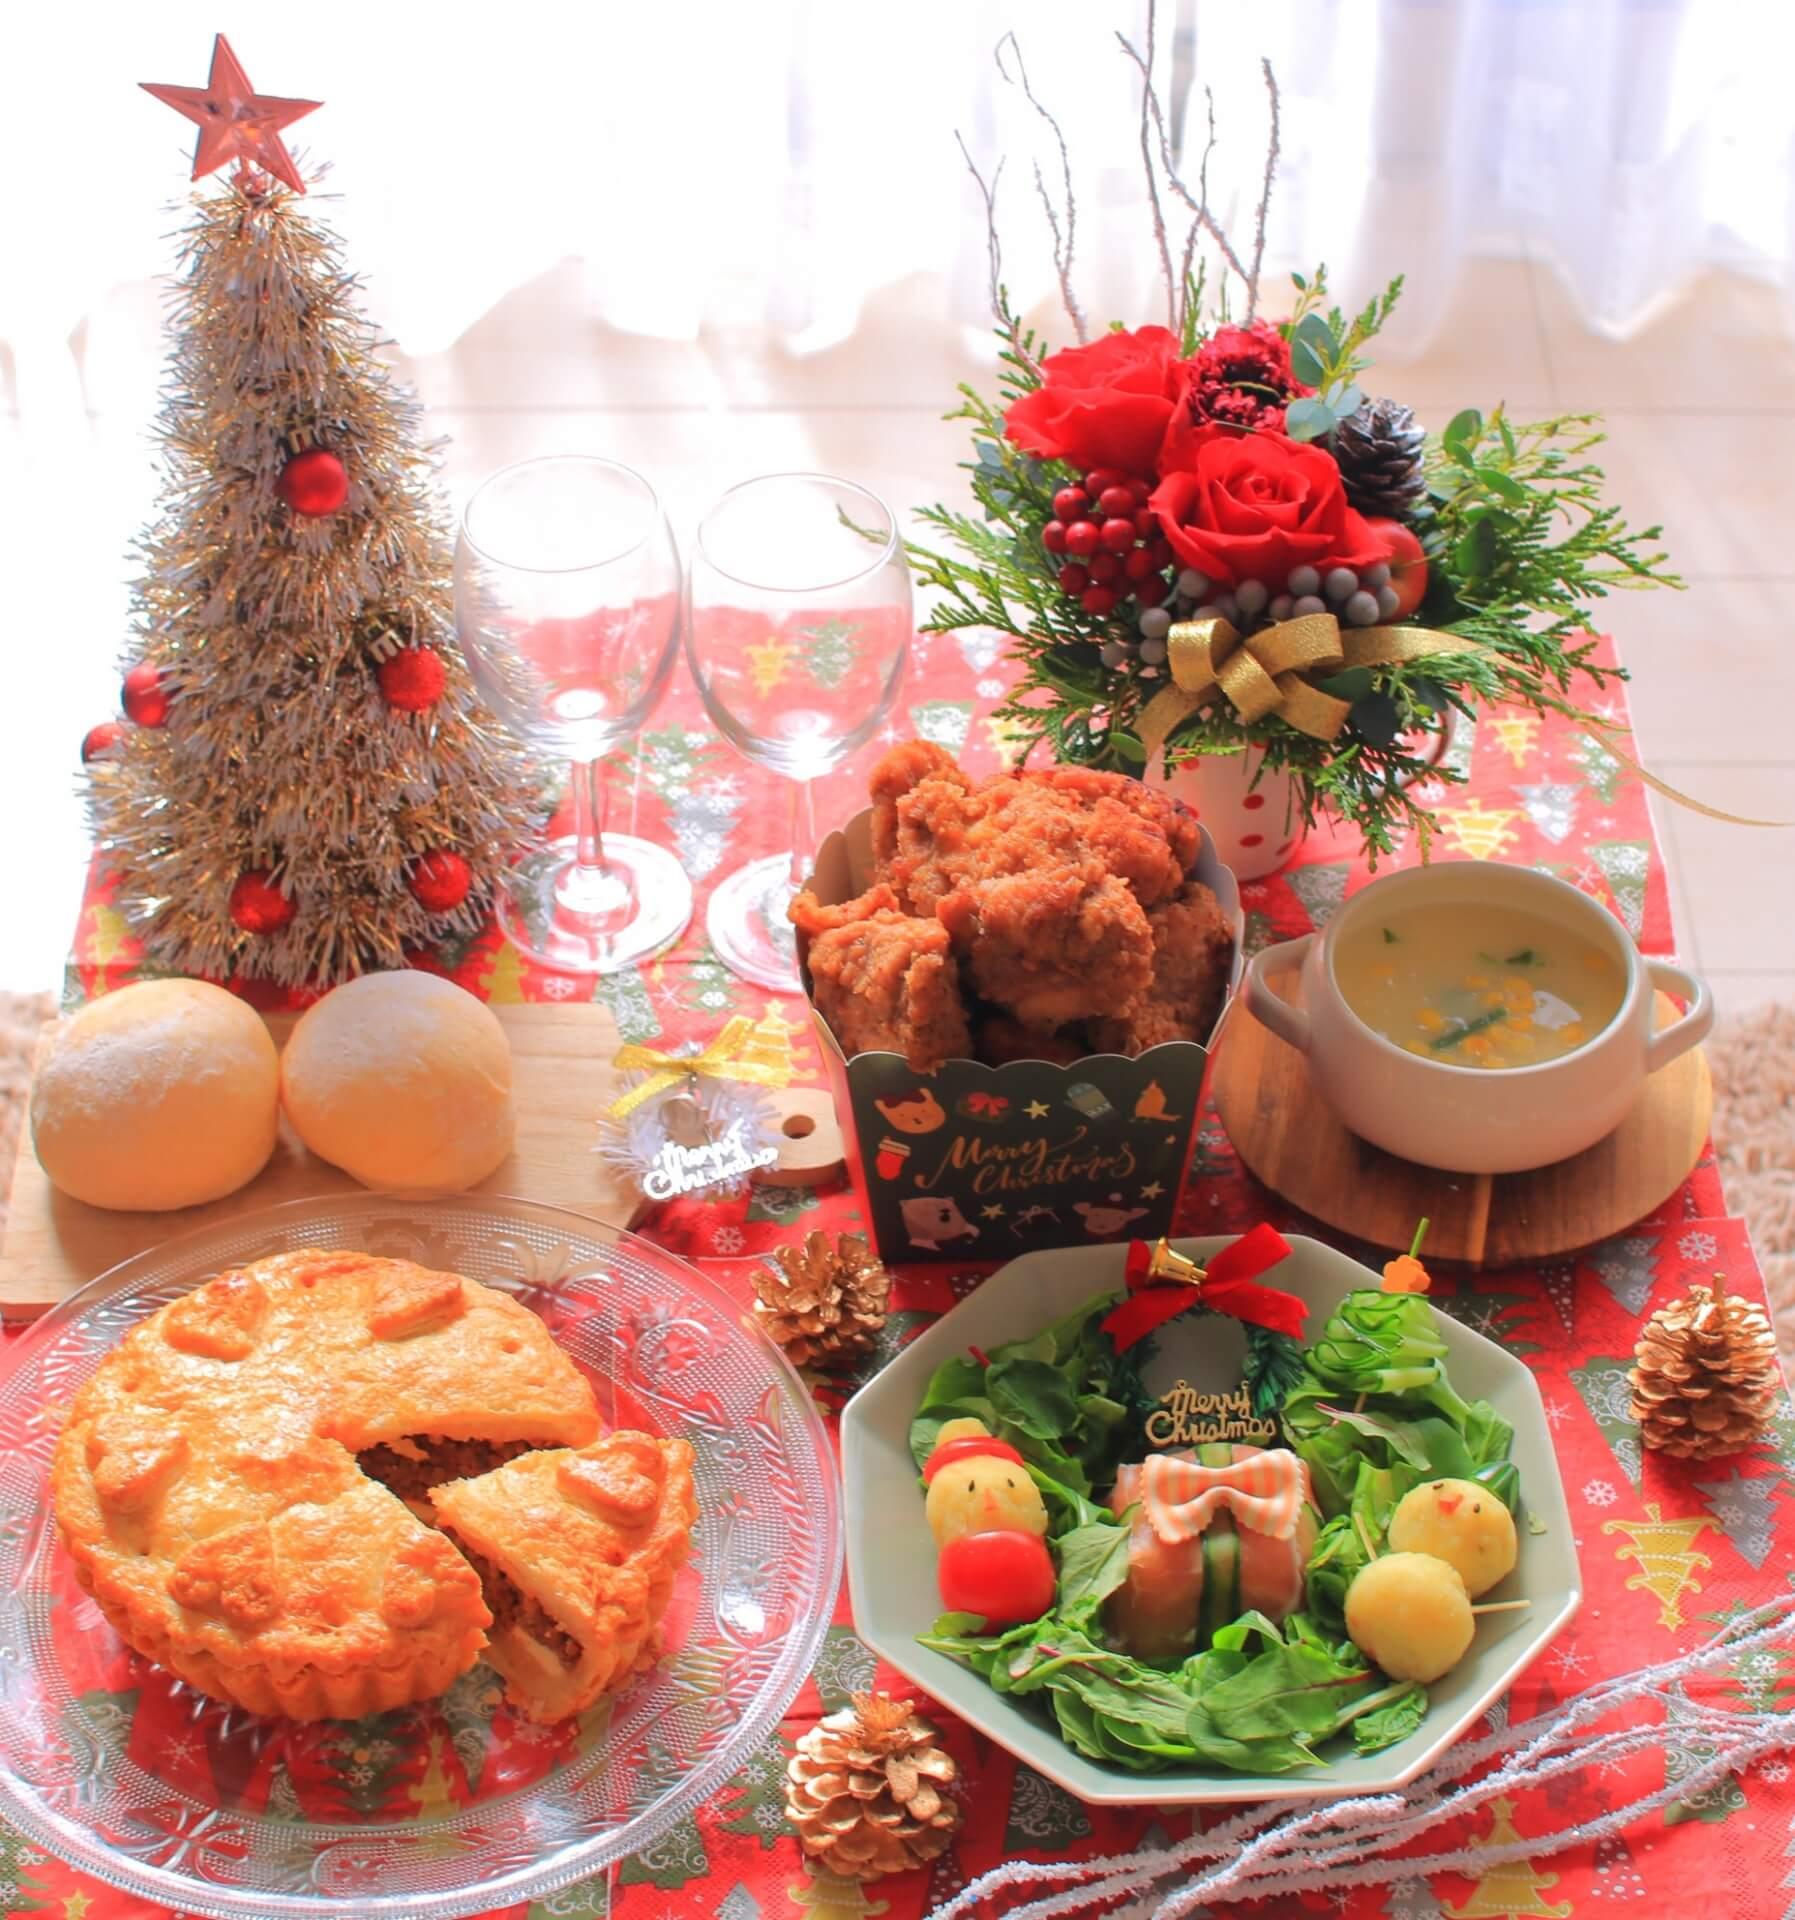 クリスマスのメニューを紹介